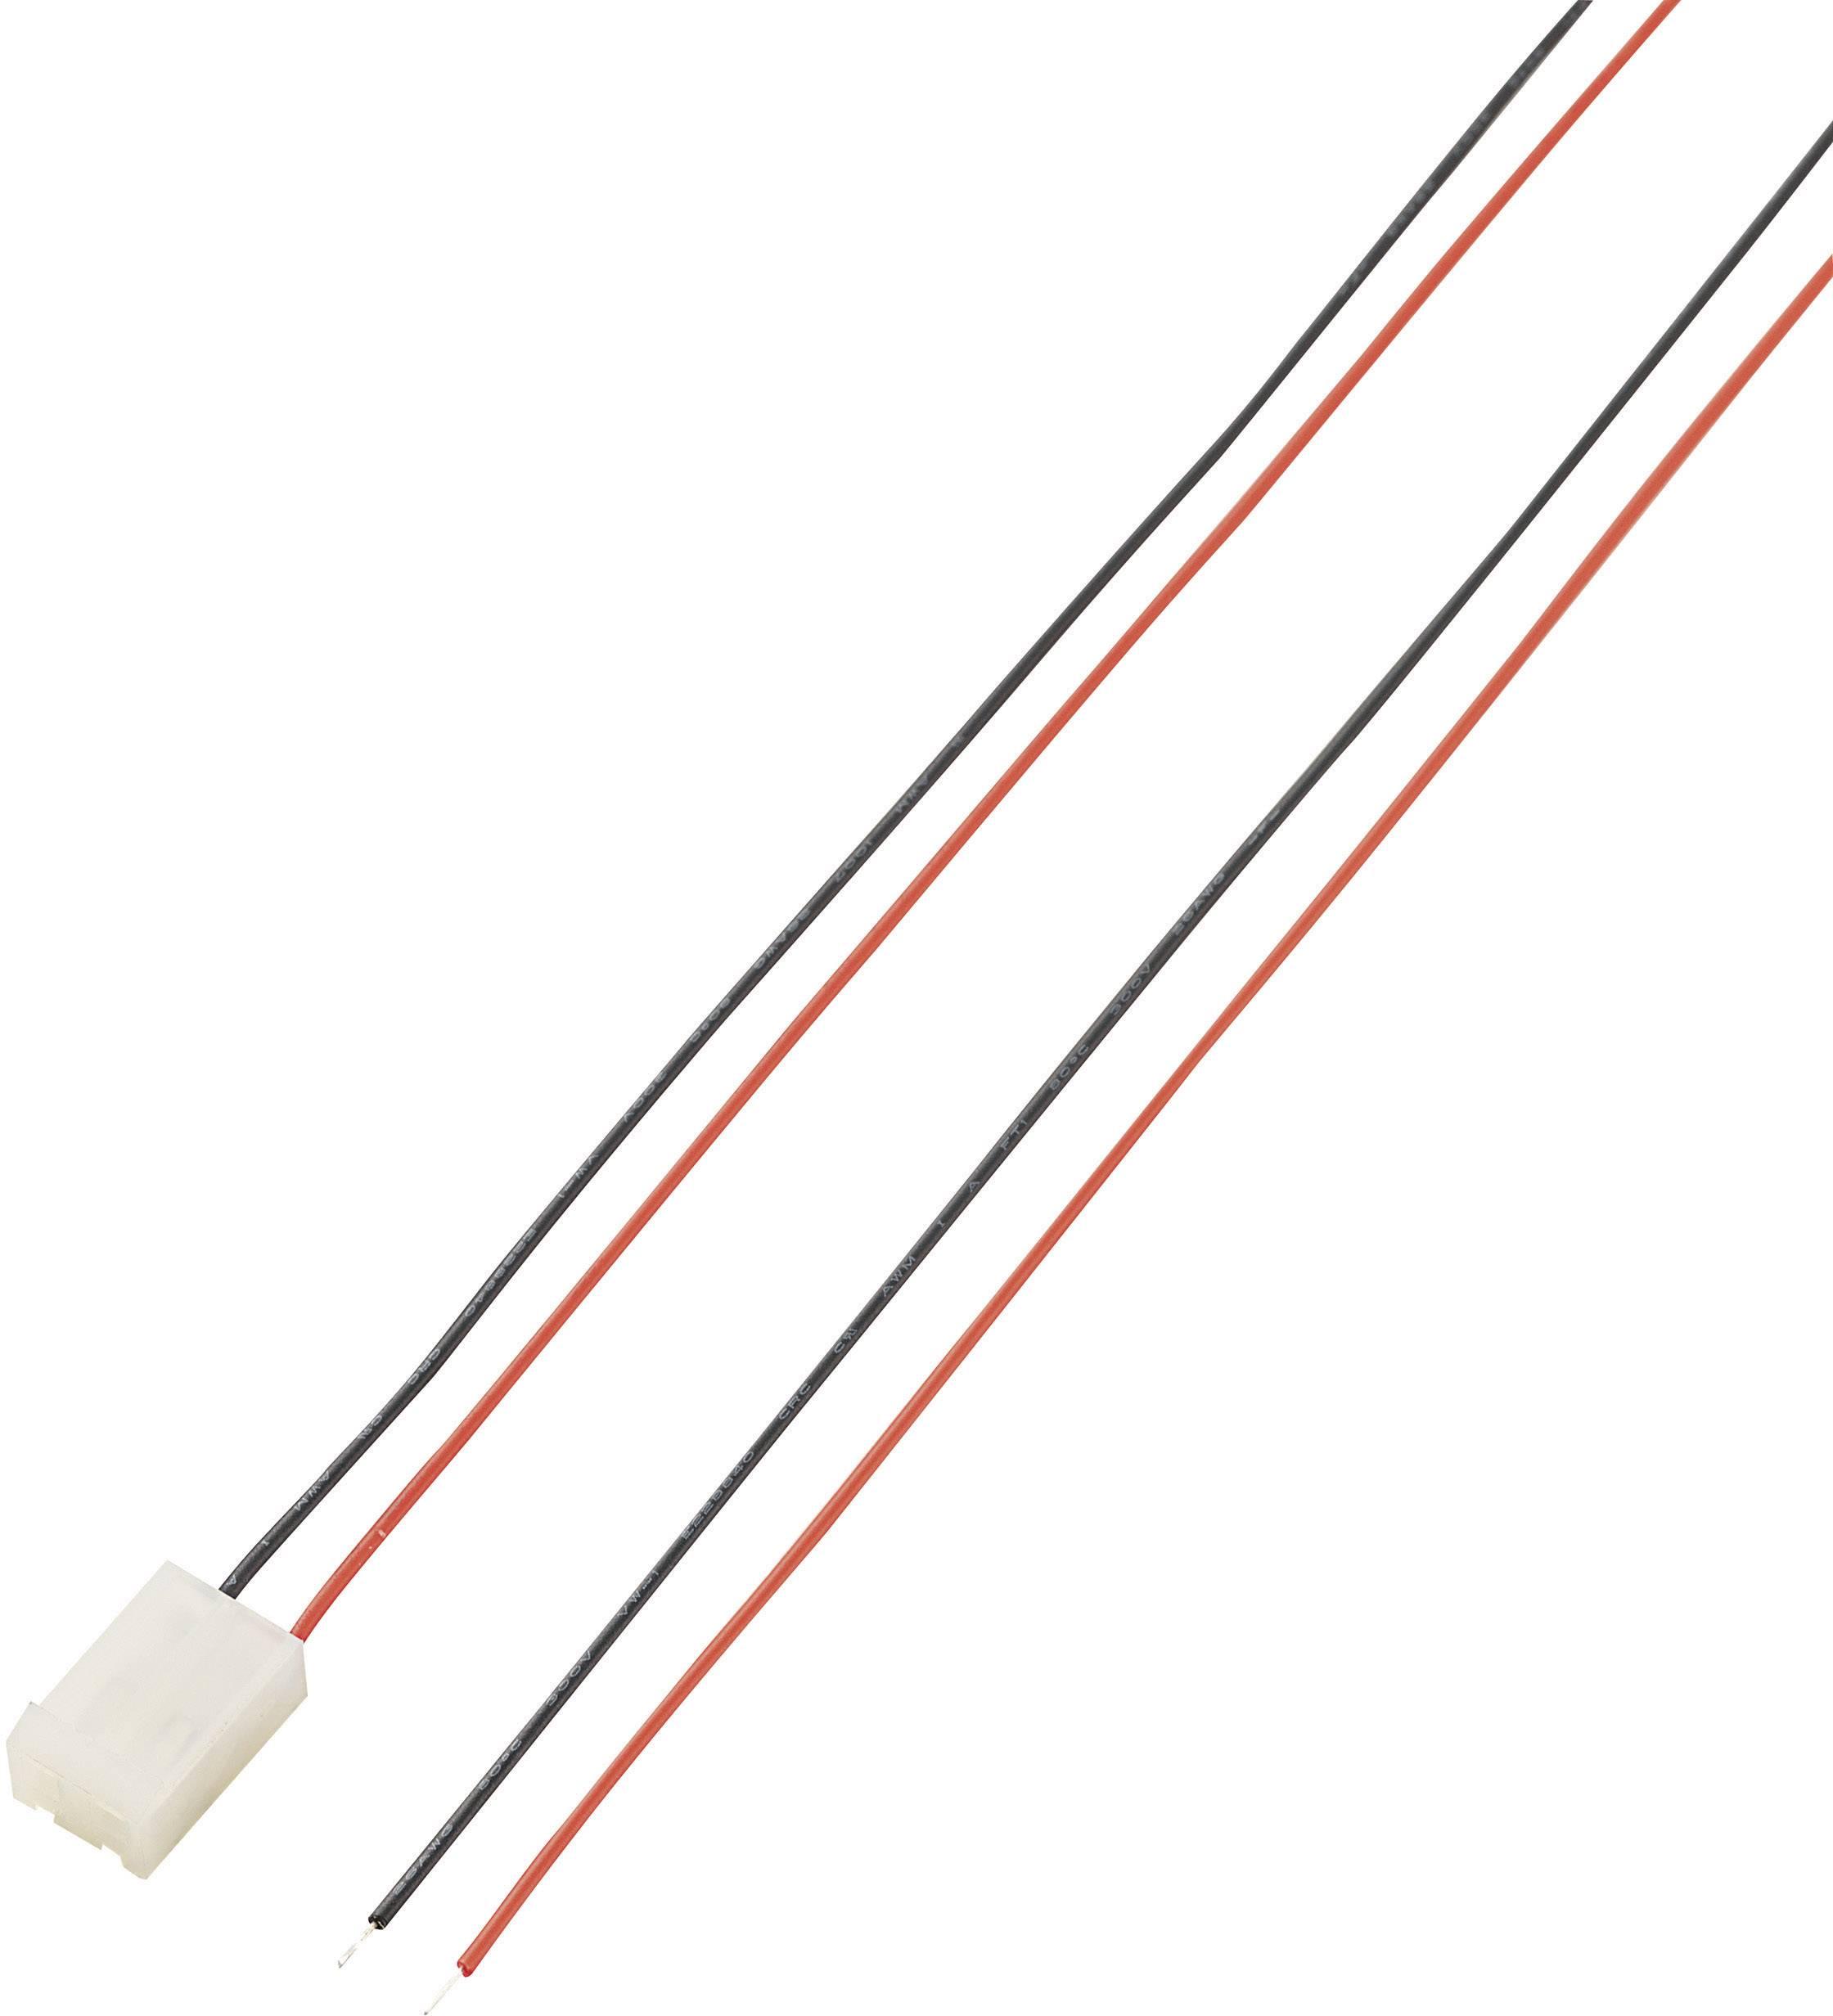 Zásuvkový konektor s vodičmi 546860, pólů 2, rozteč 5.08 mm, 1 ks